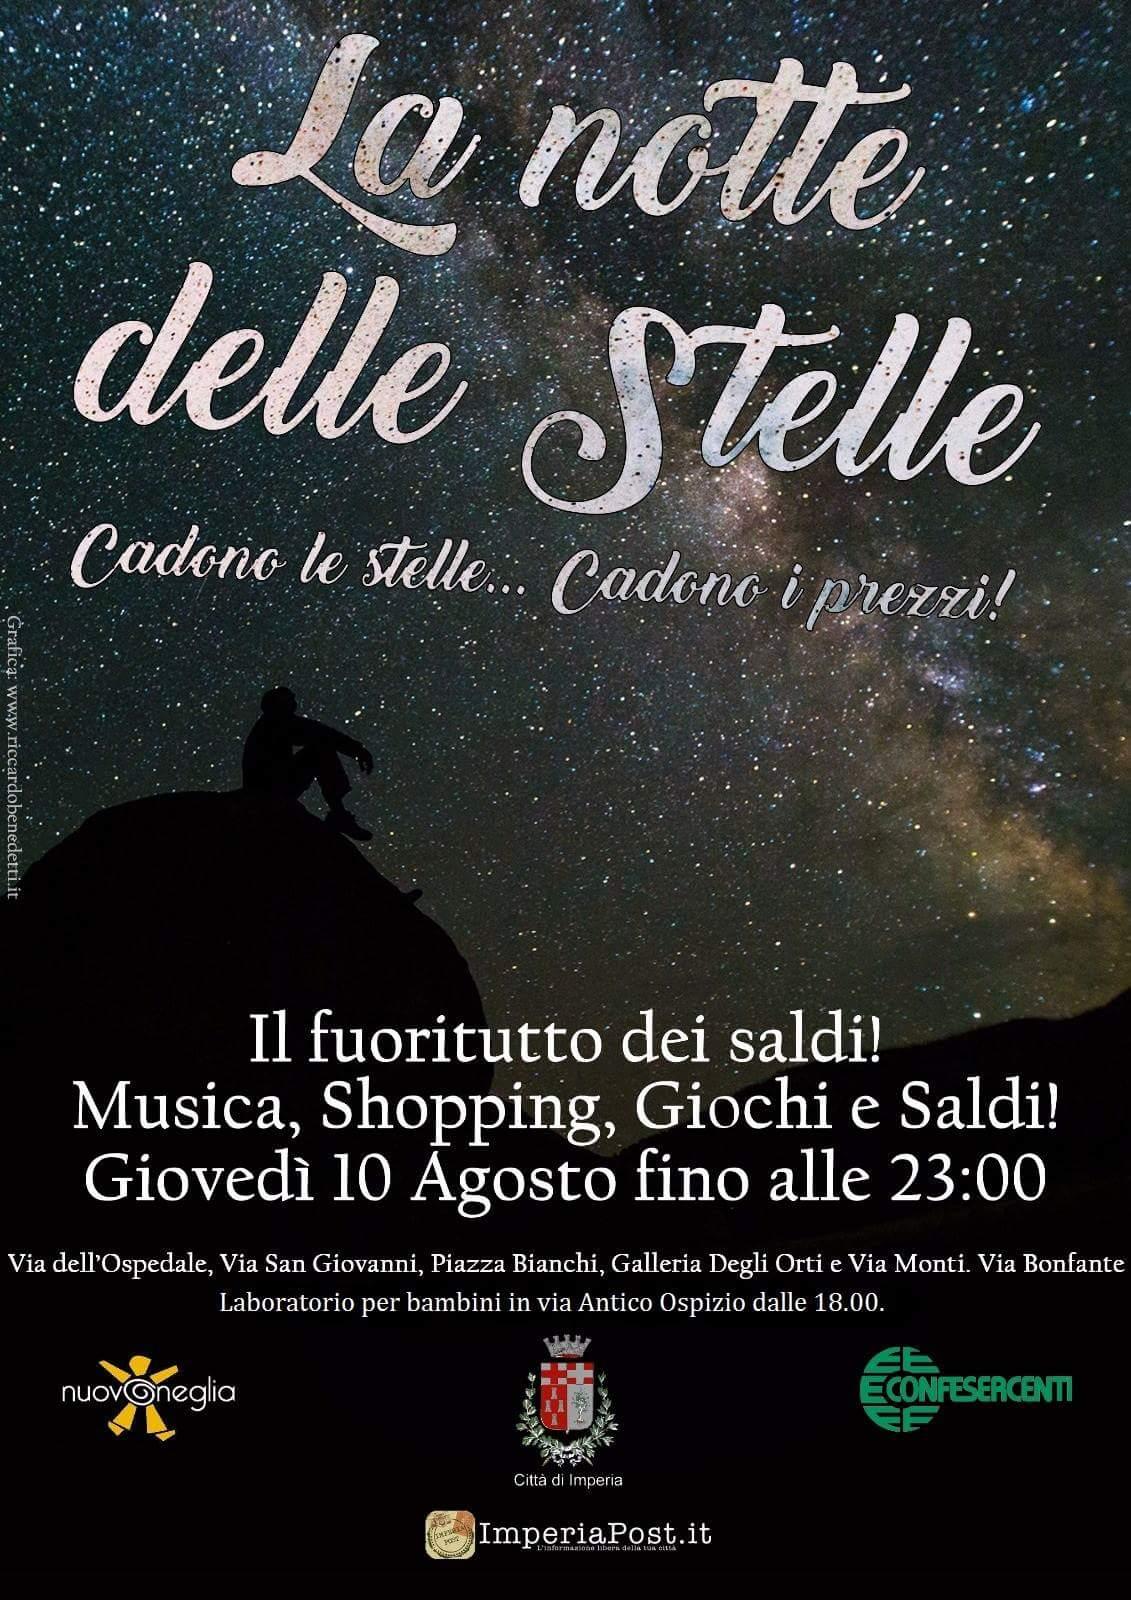 """Shopping, musica e atmosfera di festa per """"La notte delle stelle"""""""